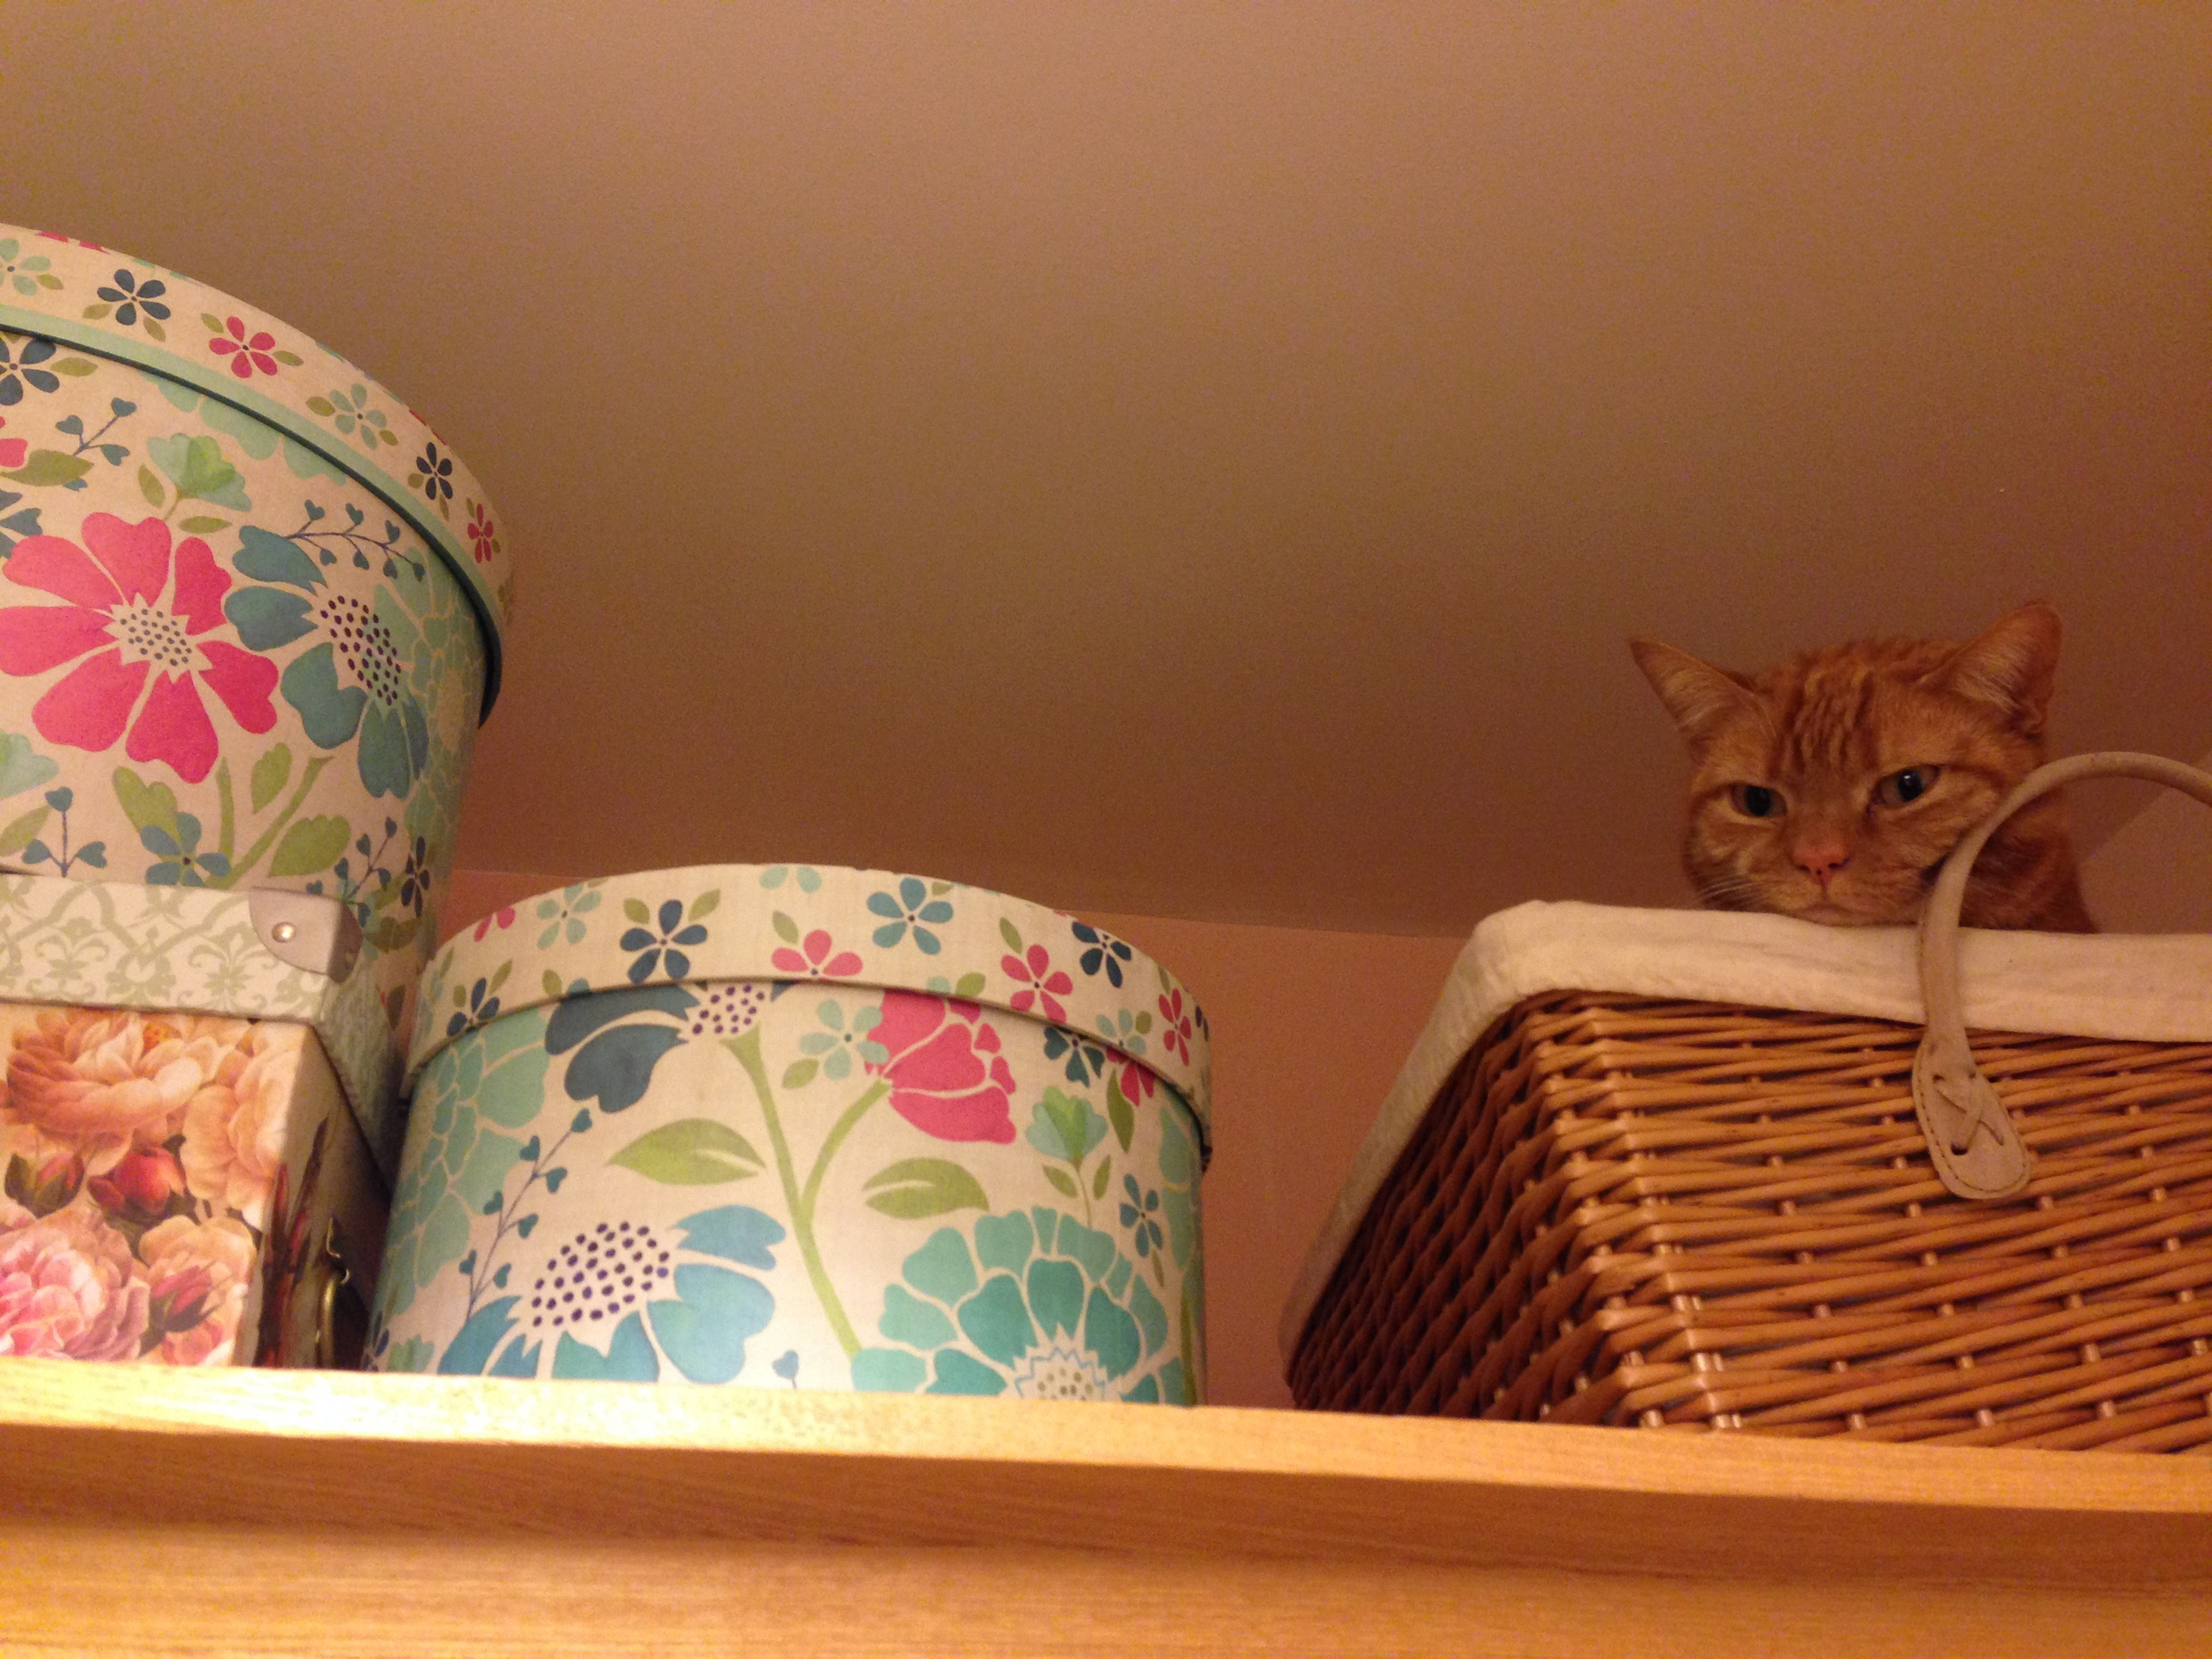 Luna in hiding